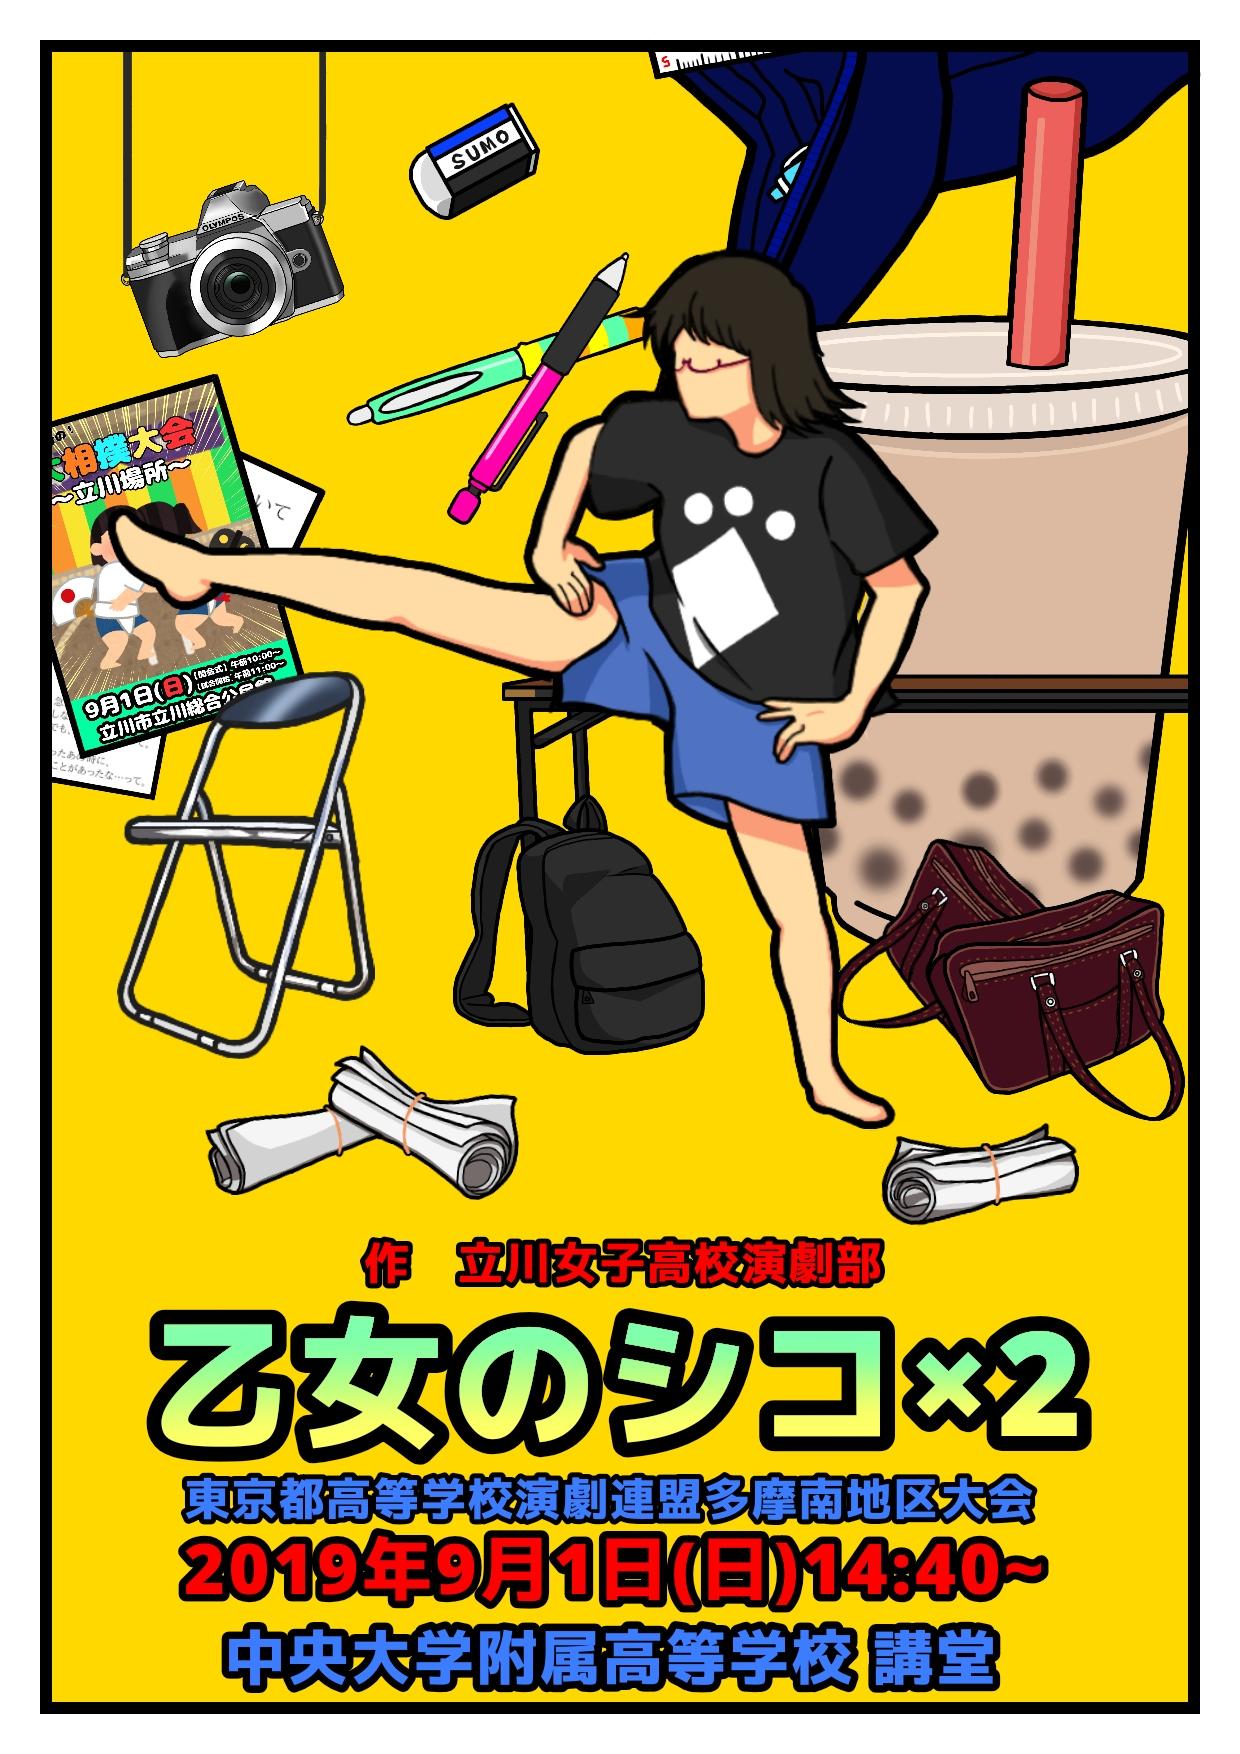 乙女のシコ×2.jpg